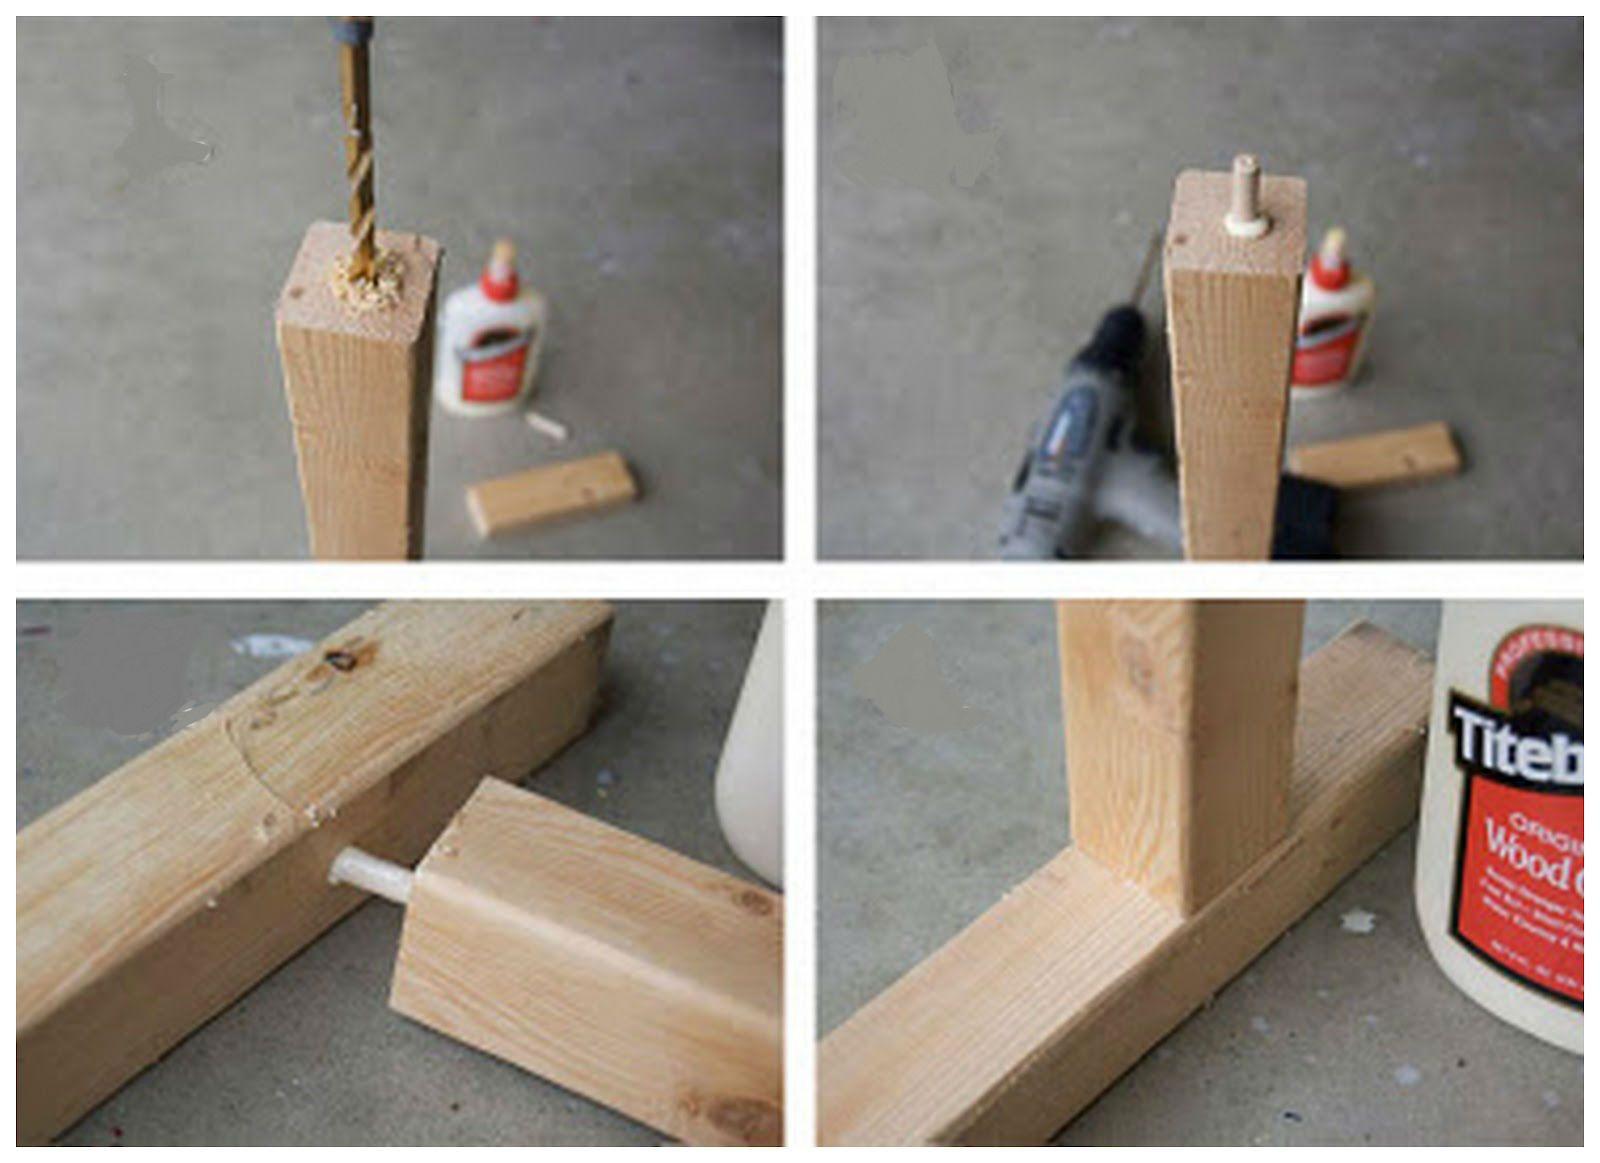 Ikea hack tover een simpele tafel om tot een mooi bureau